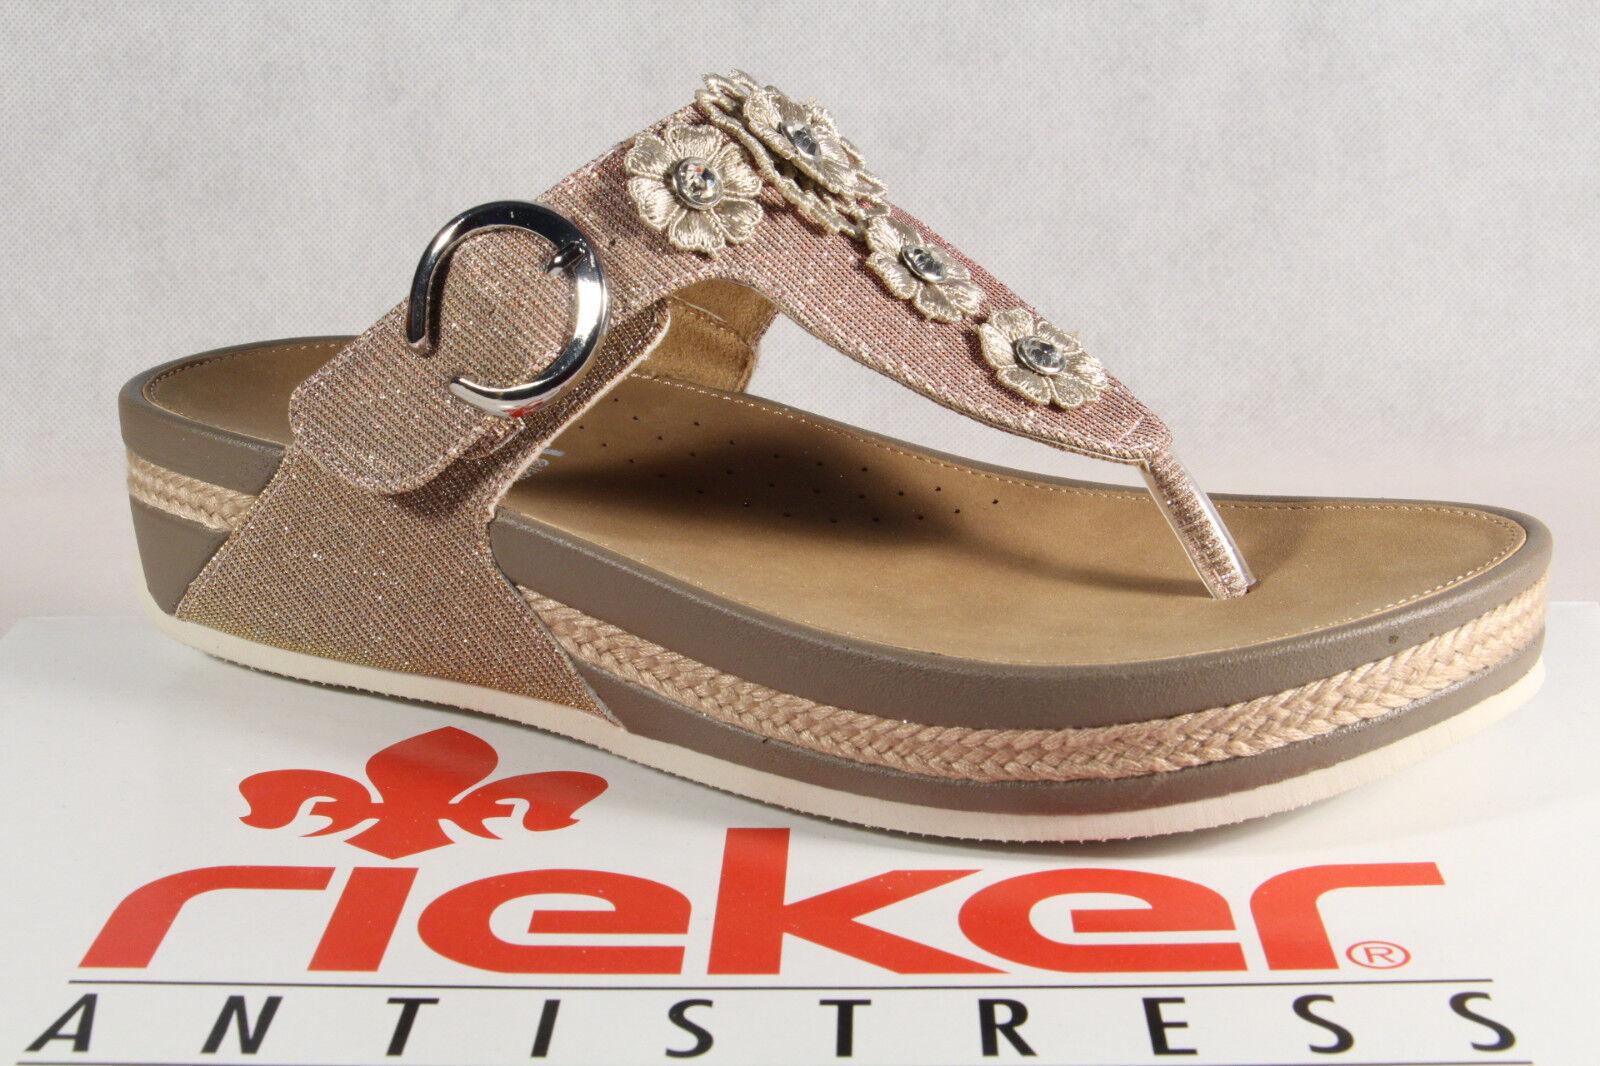 Rieker Donna dita dei piedi STEG Sandali Sandali Sandalo Sandali Rosa v1451 NUOVO!